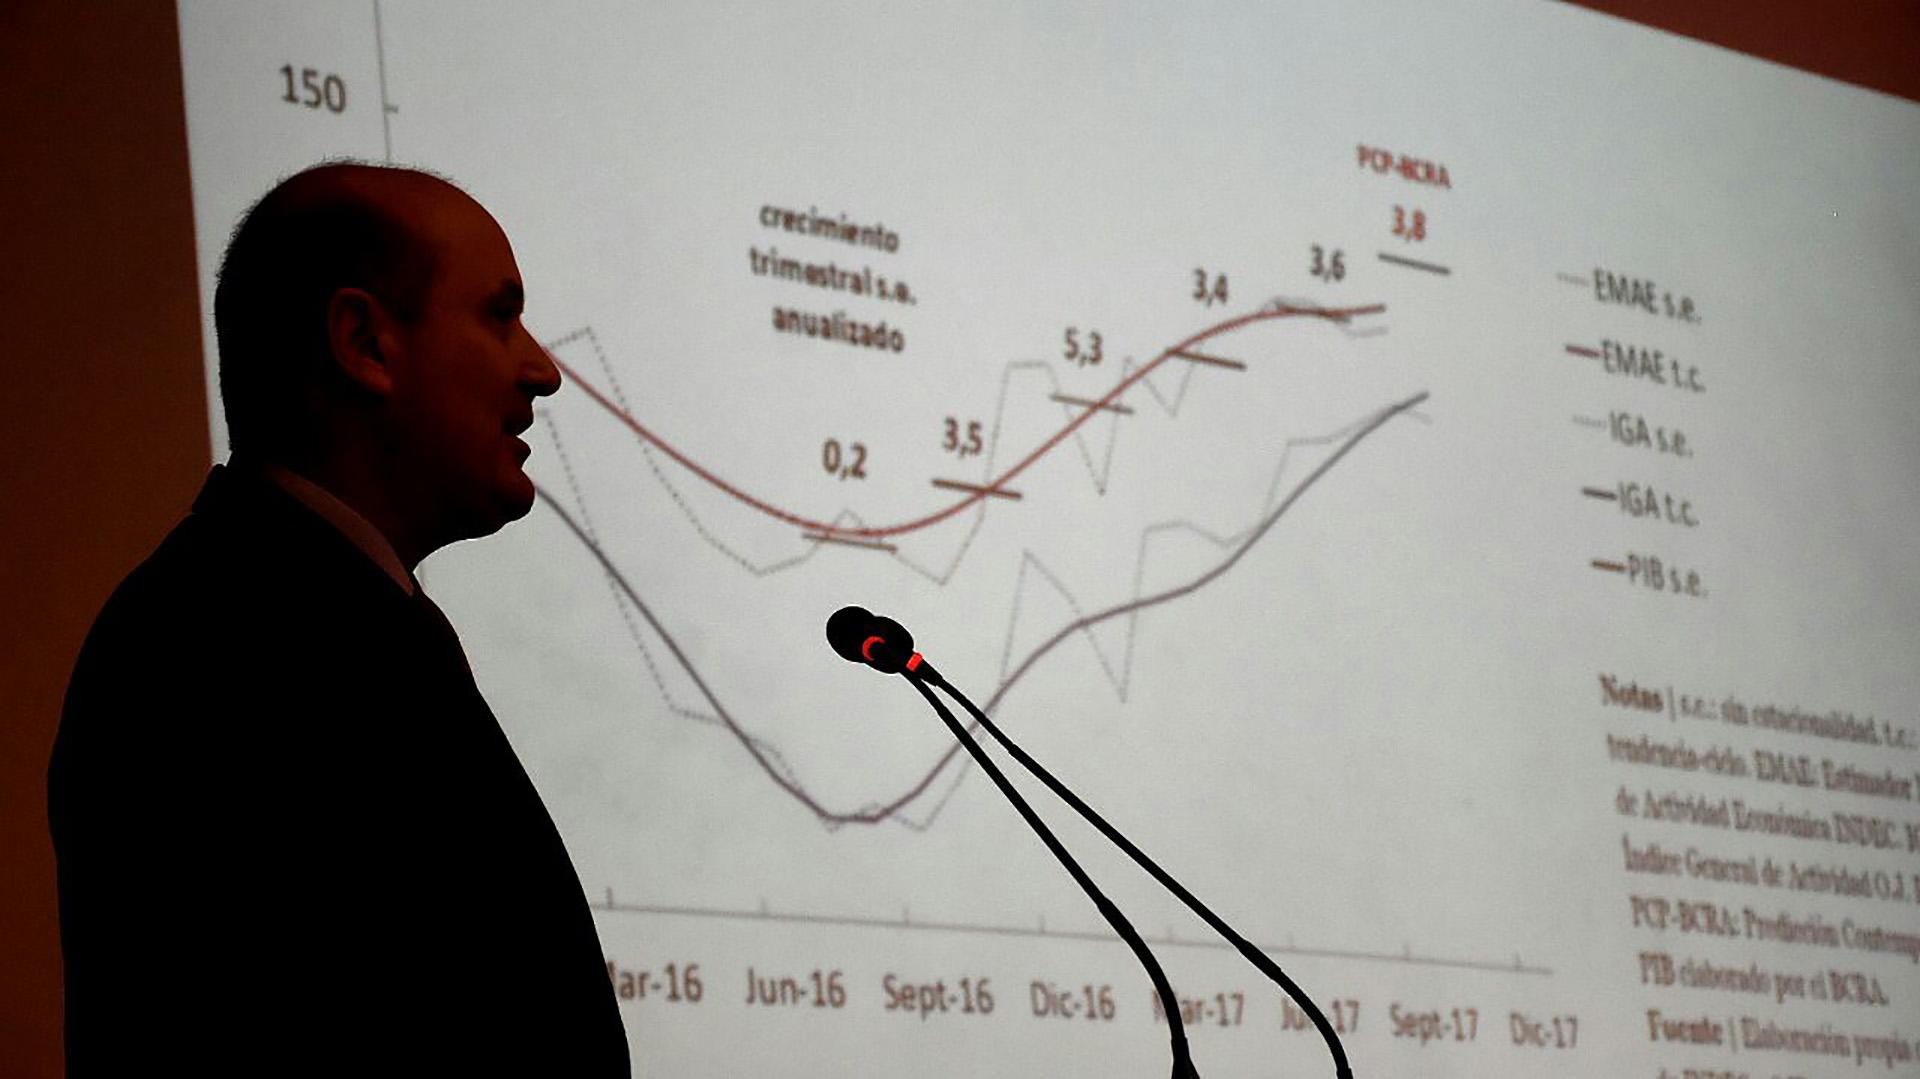 Federico Sturzenegger volverá a hacer un repaso sobre el desempeño de los agregados monetarios y la economía real (Nicolás Stulberg)